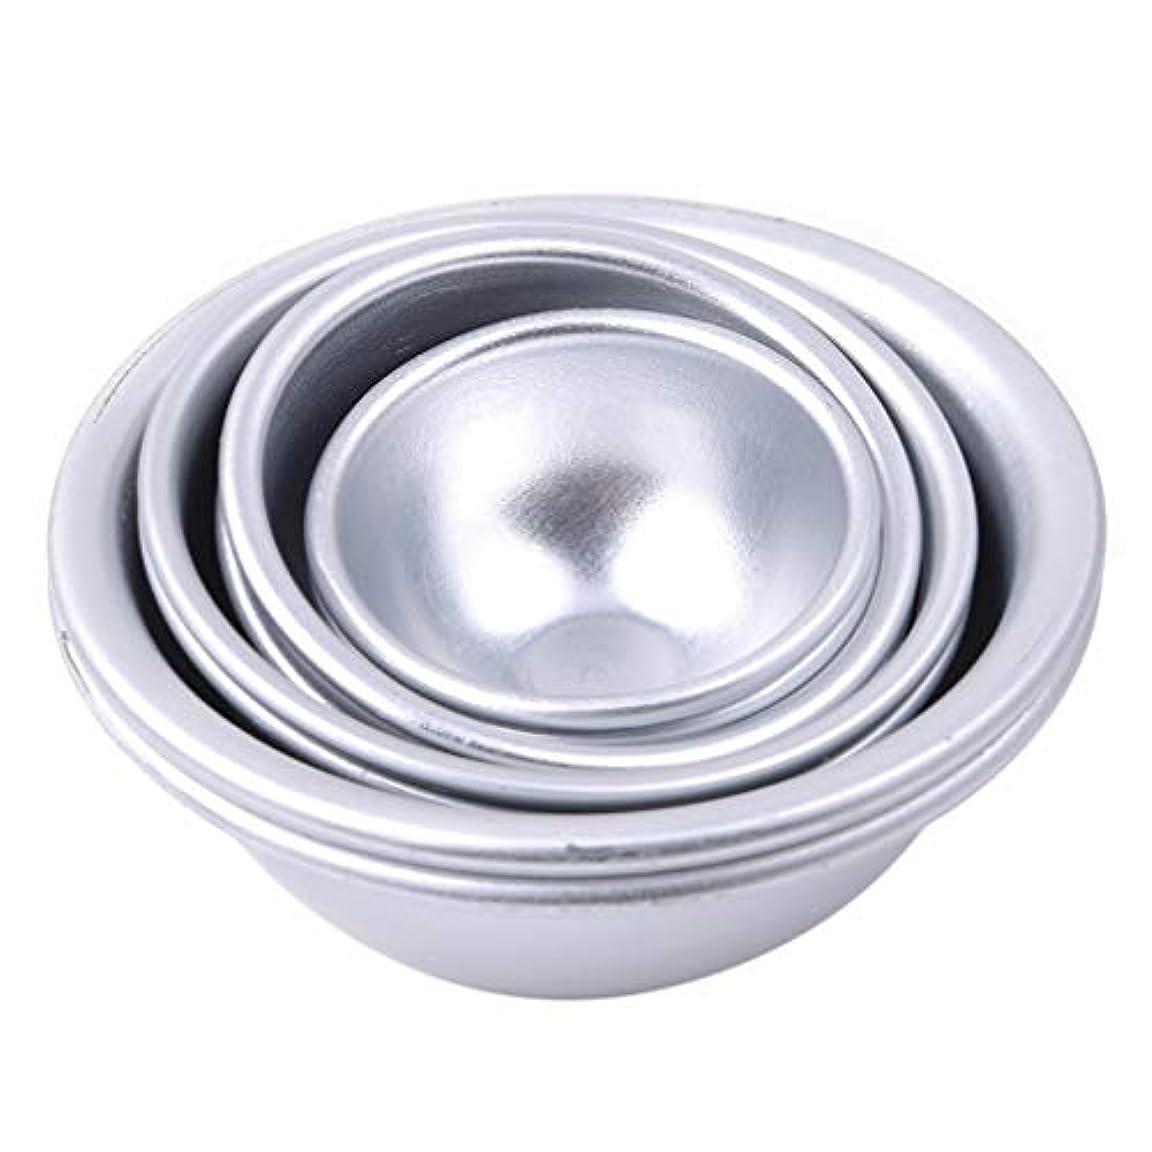 ペア聞くToporchid Diy風呂ボール型アルミ合金入浴ボール手作り石鹸ケーキパンベーキングモールドペストリー作りツール(style2)